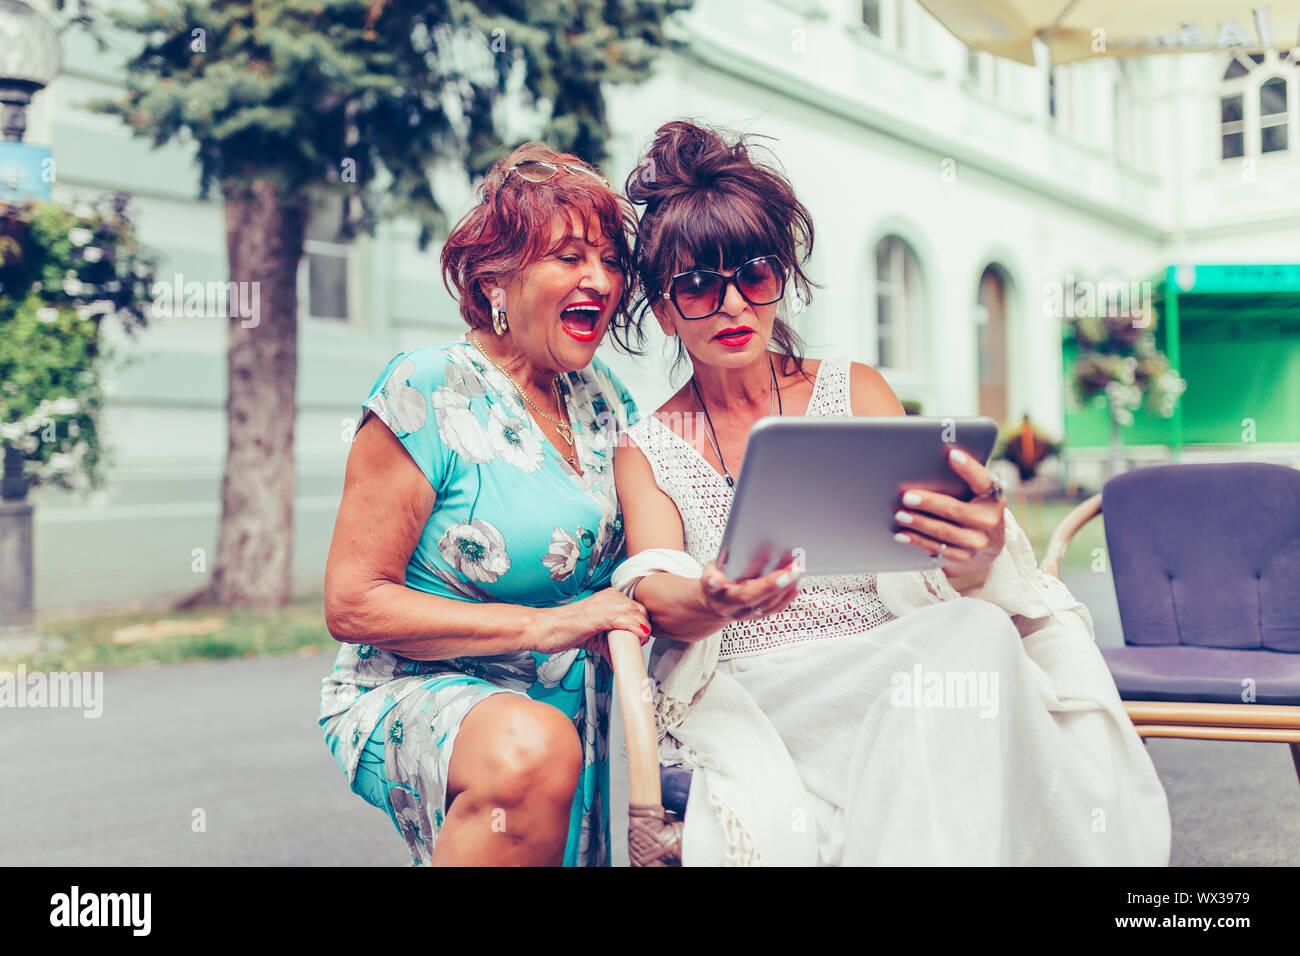 Deux senior women sitting in outdoor cafe en riant et en regardant les médias sociaux et drôles de vidéos virales sur une tablette. Banque D'Images